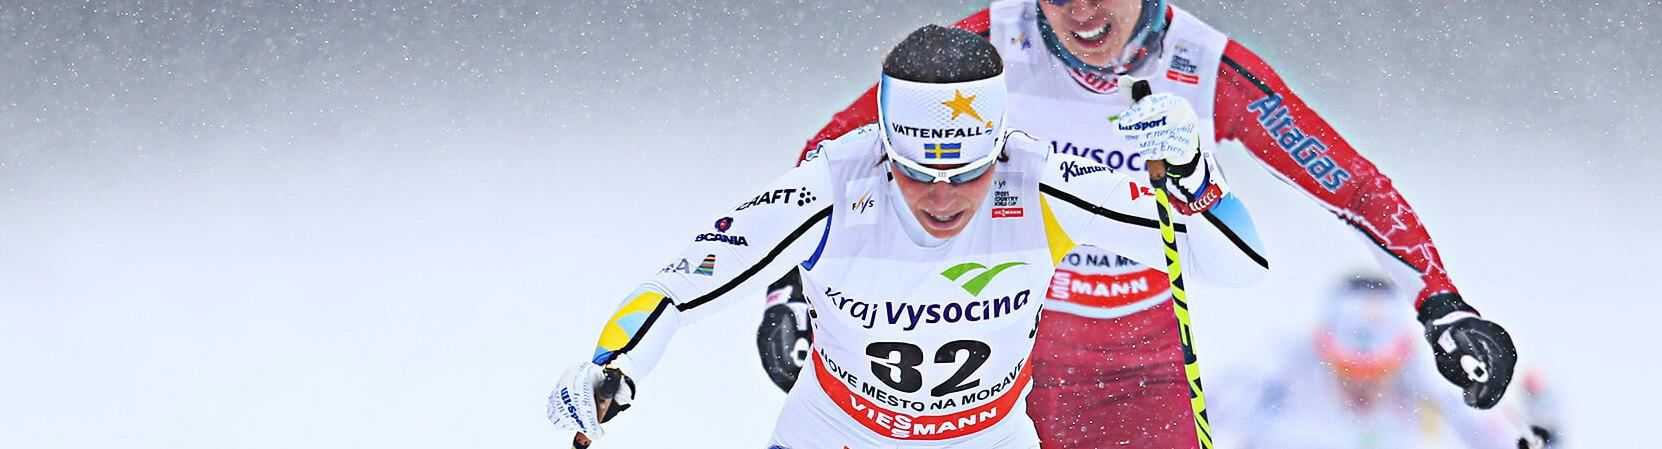 Teamtailor sponsrar Världscupen i Ulricehamn